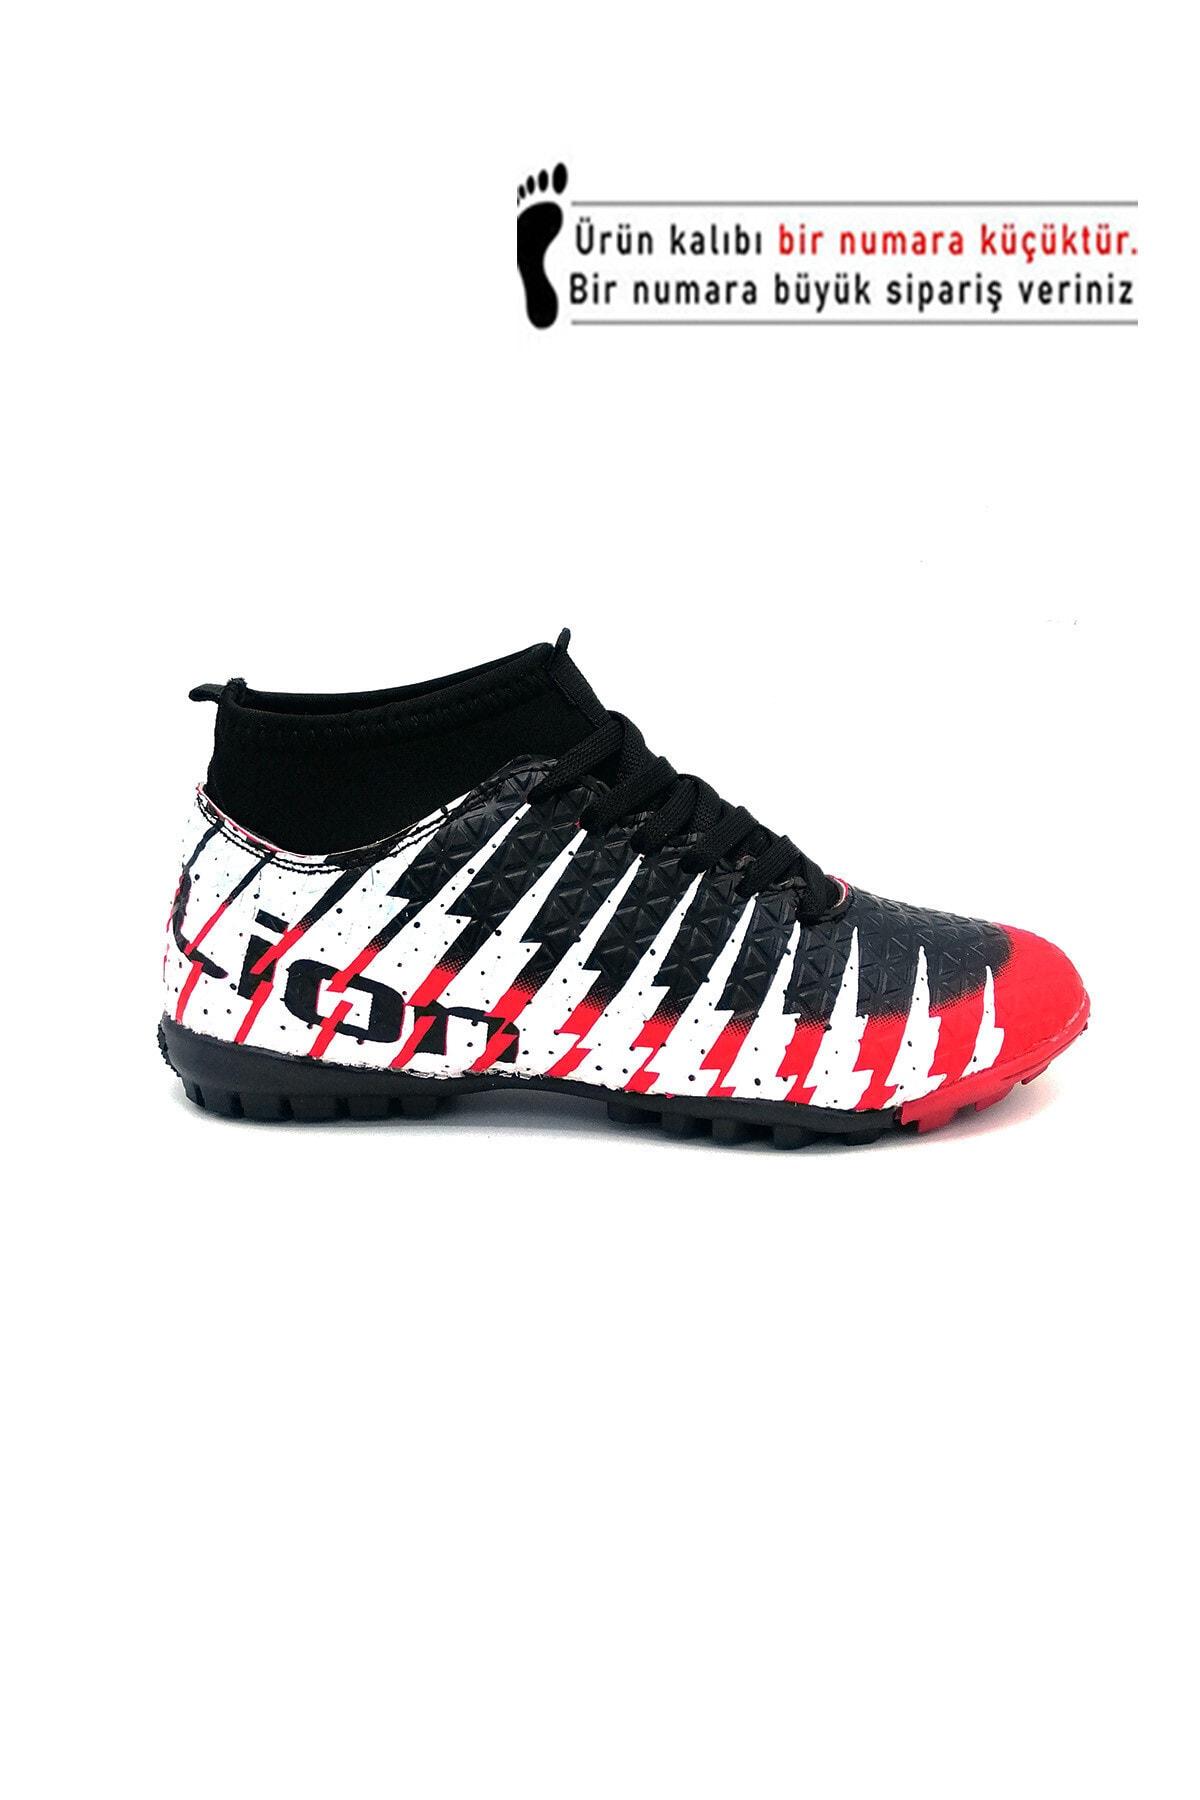 Lion Futbol Ayakkabısı Çoraplı Halısaha 1